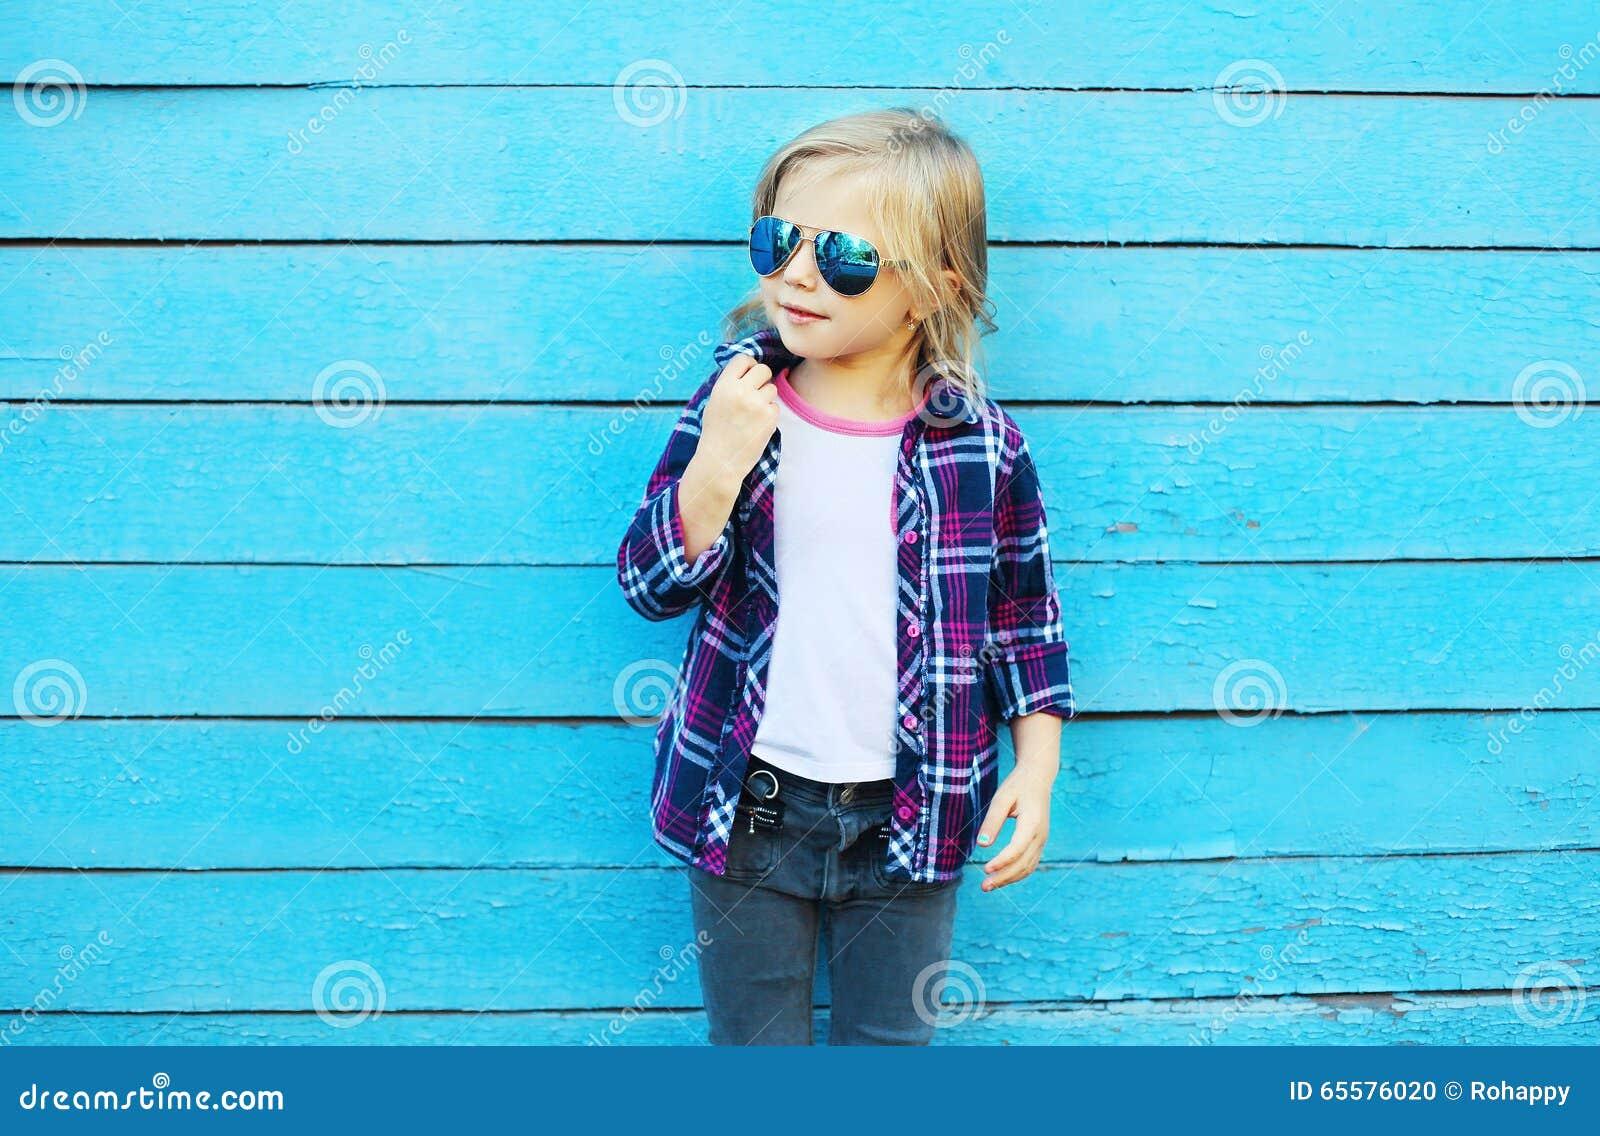 Forme a criança na cidade, vestir à moda da criança óculos de sol